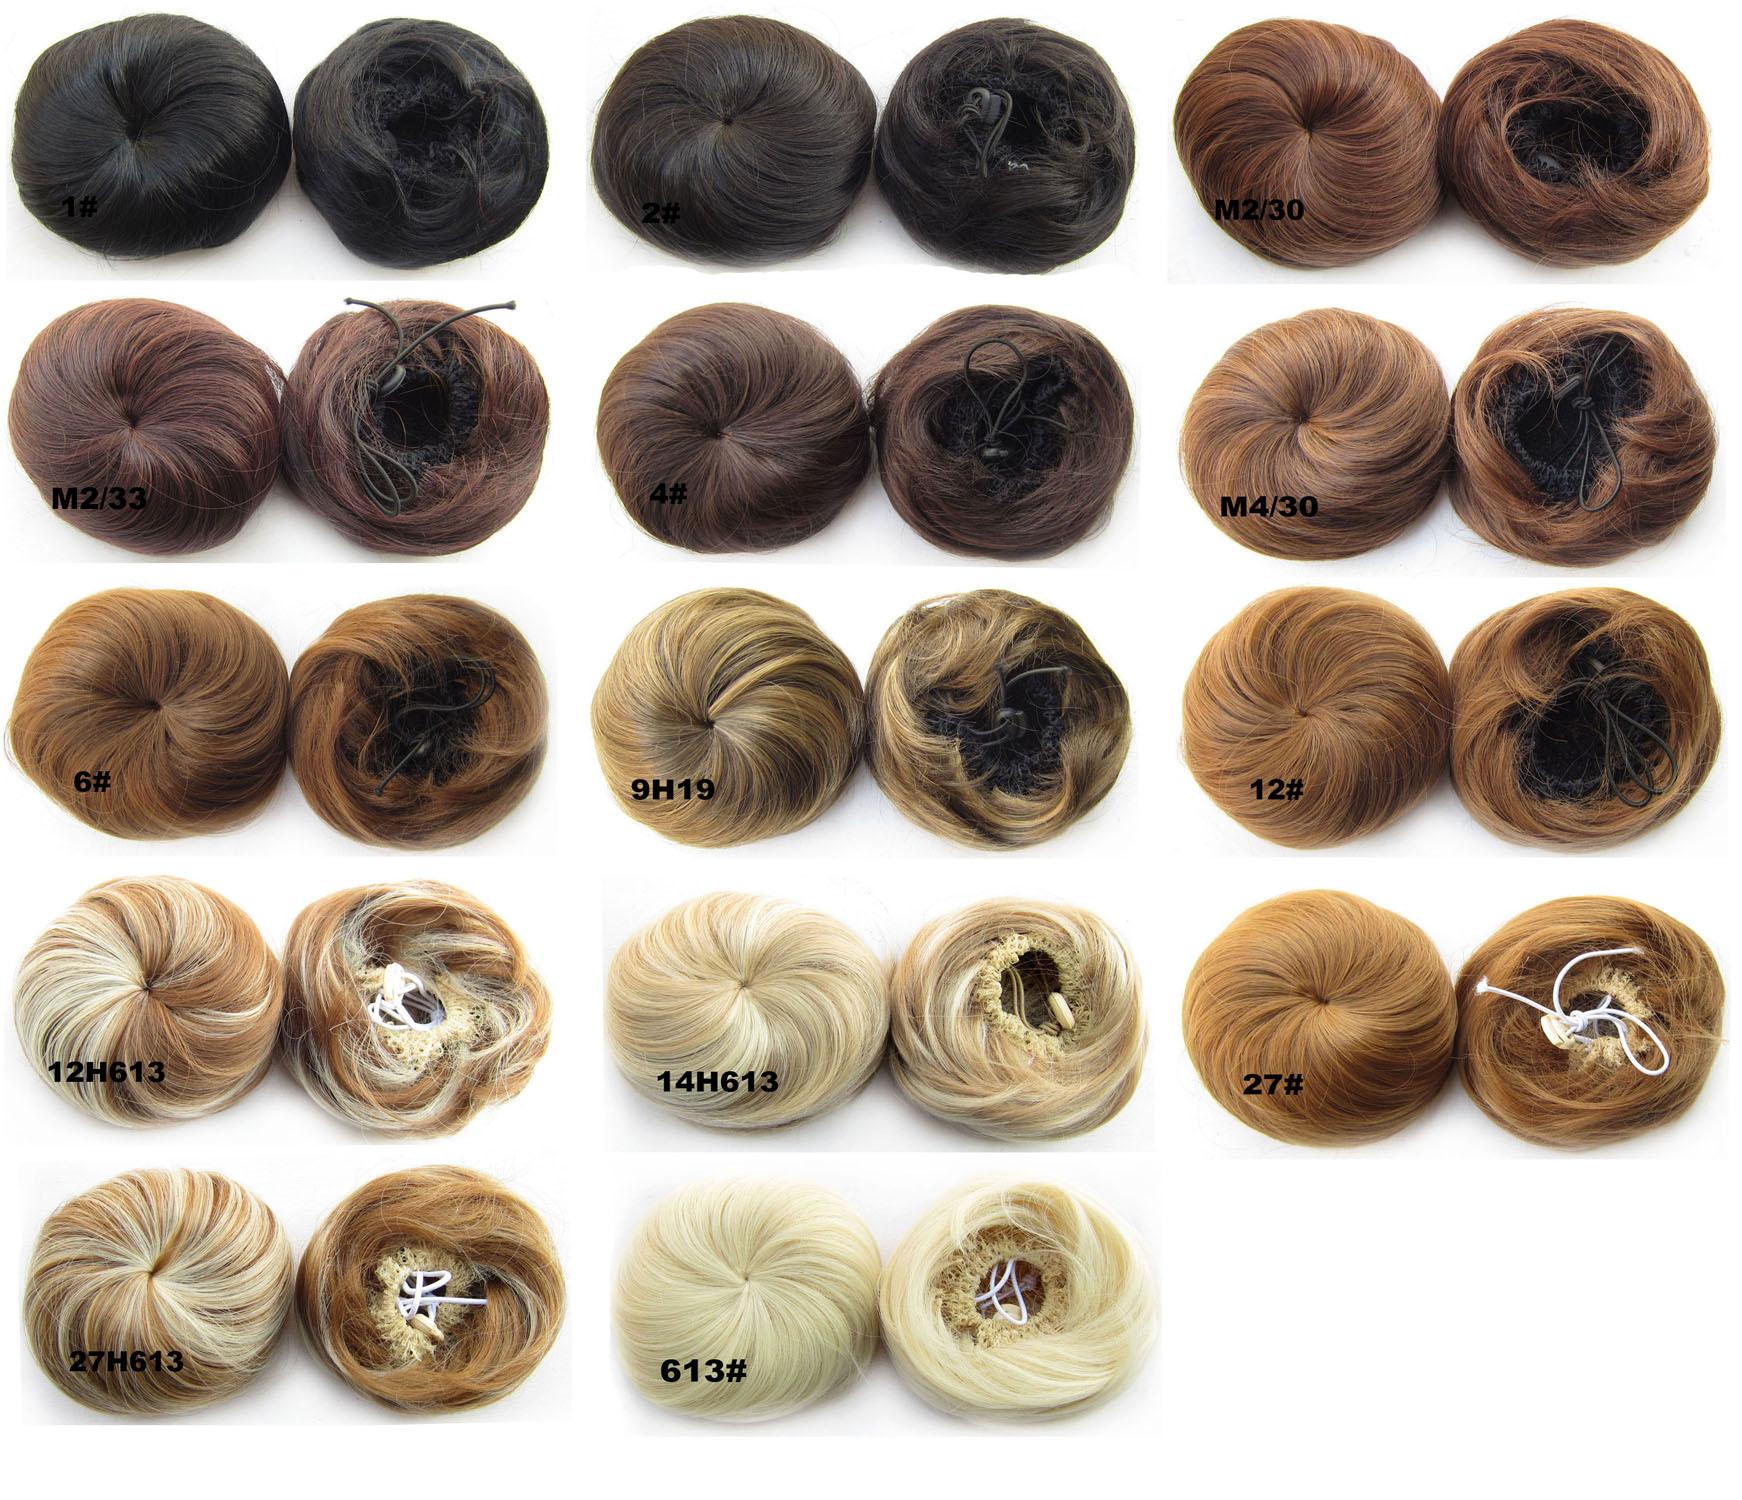 Perruque cheveux bouclés moelleux - Ref 3425438 Image 16